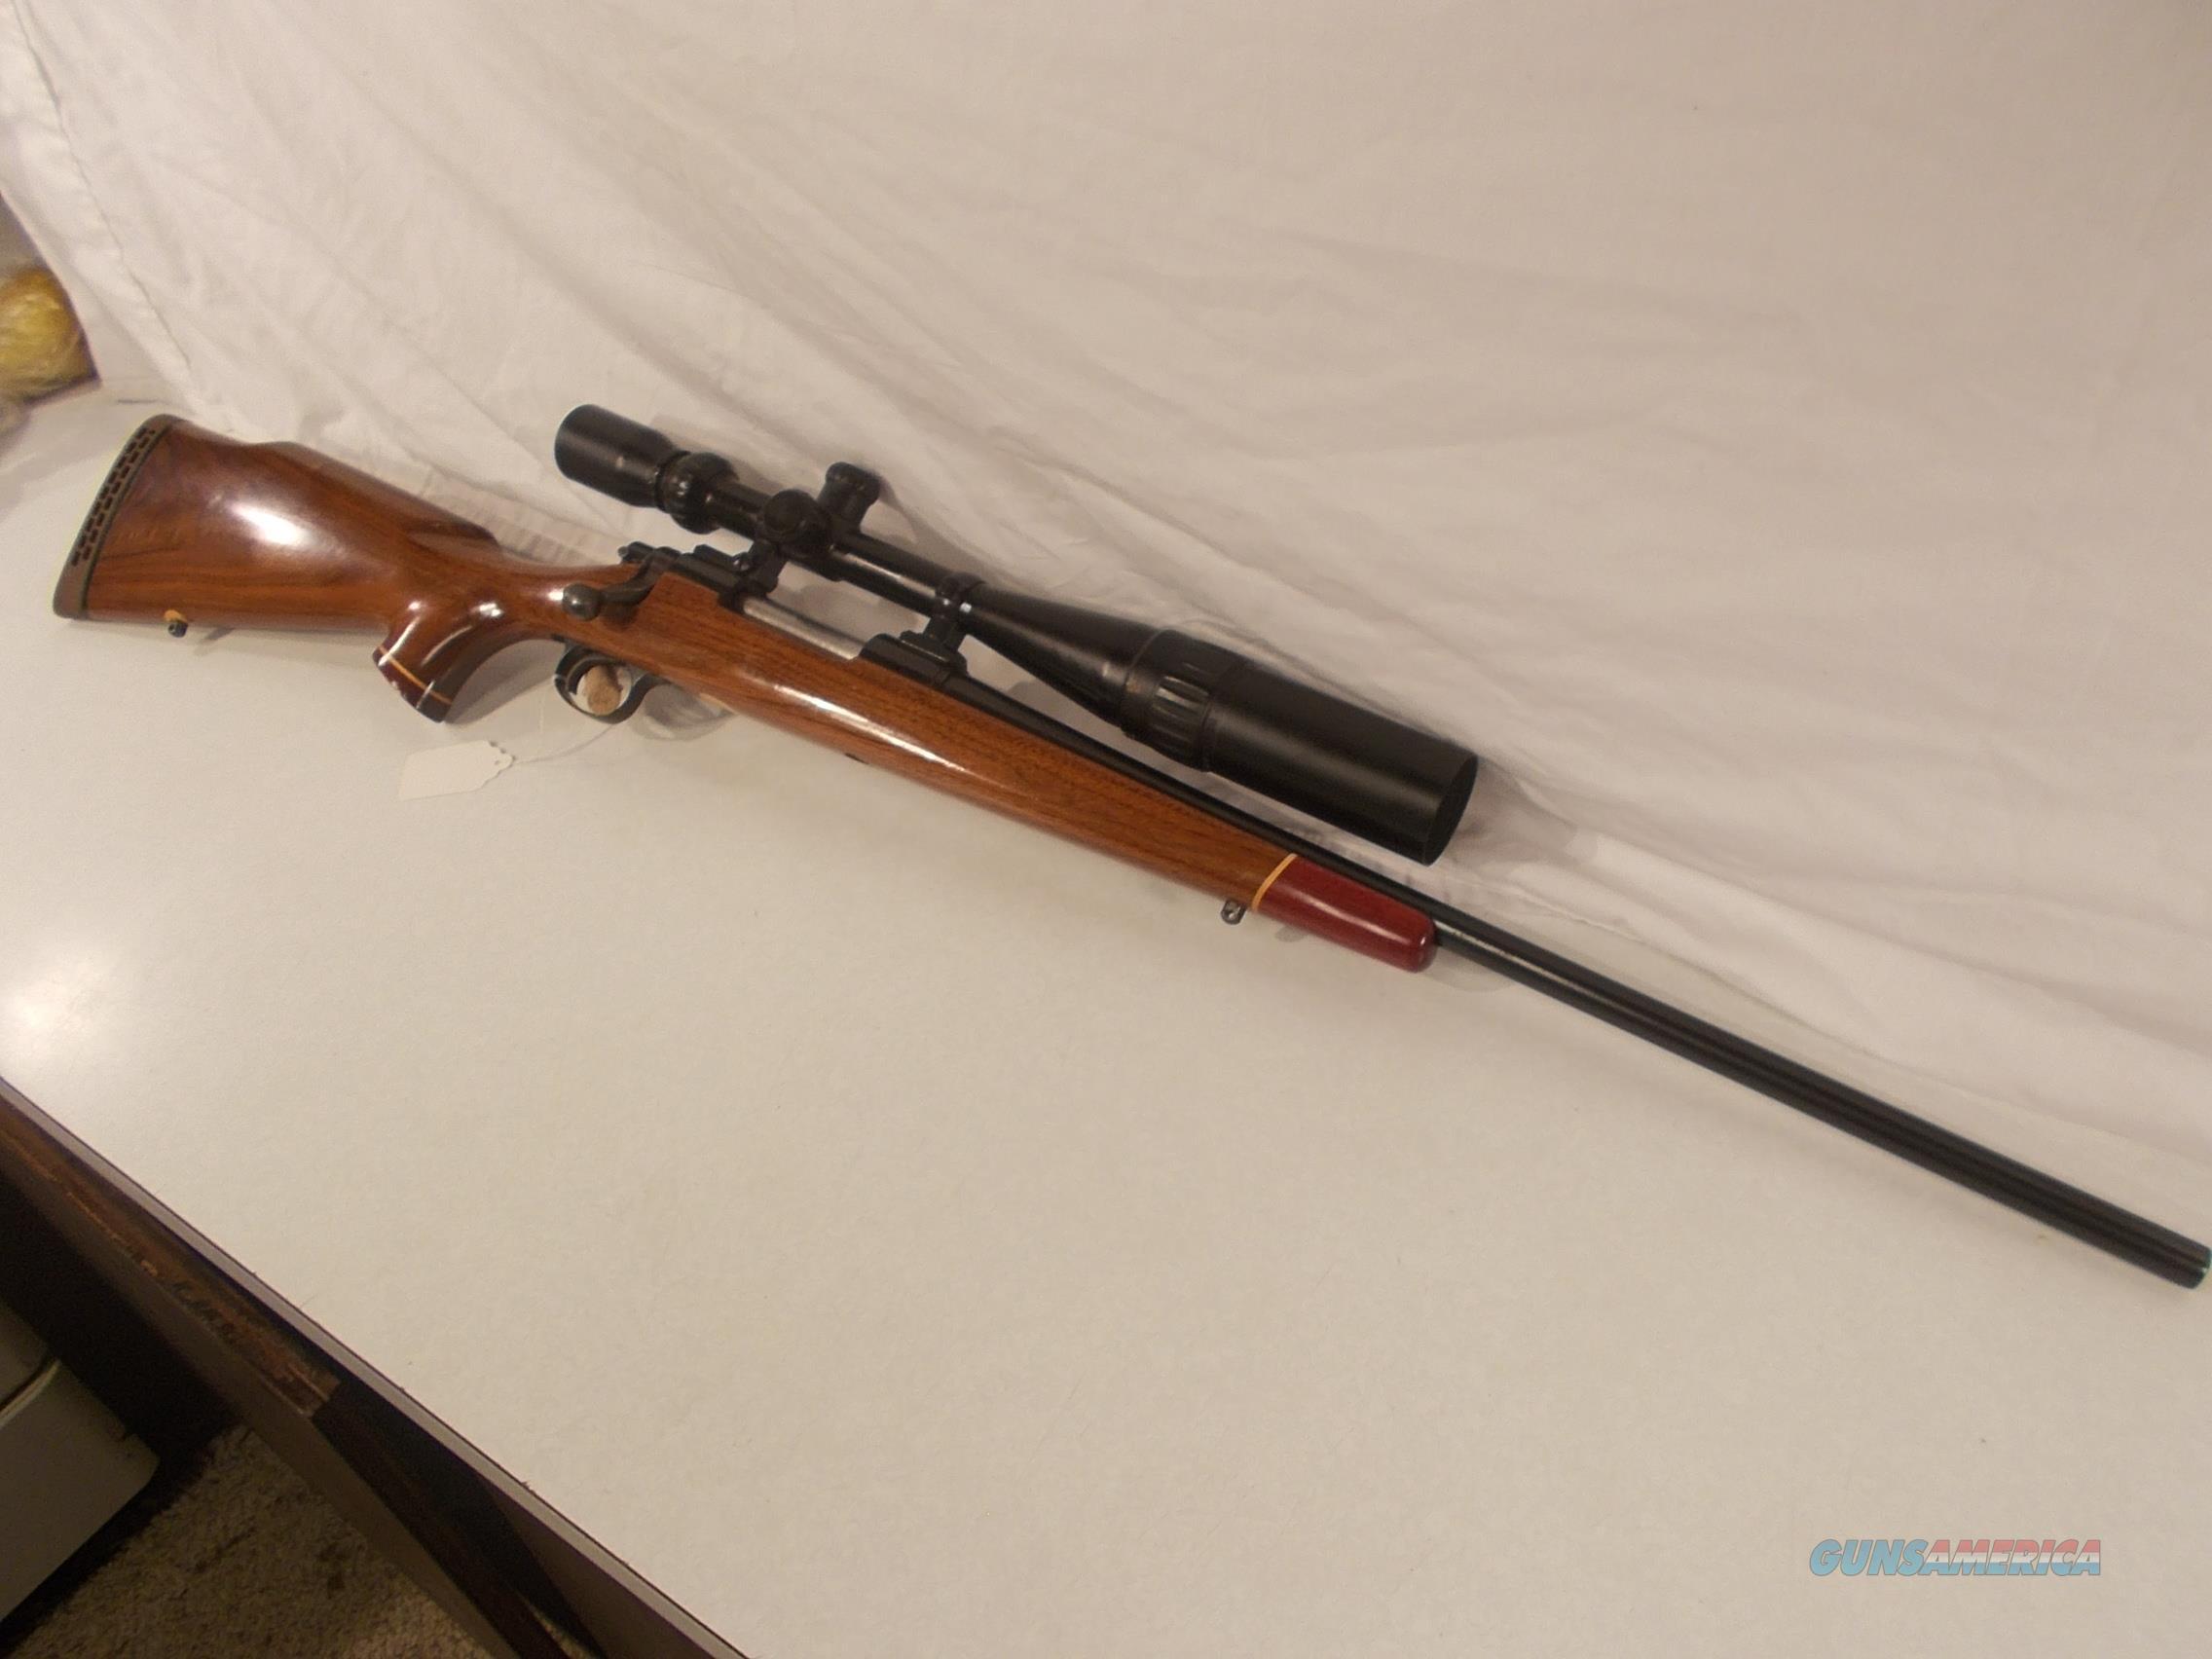 remington 700 30-06  Guns > Rifles > Remington Rifles - Modern > Model 700 > Sporting